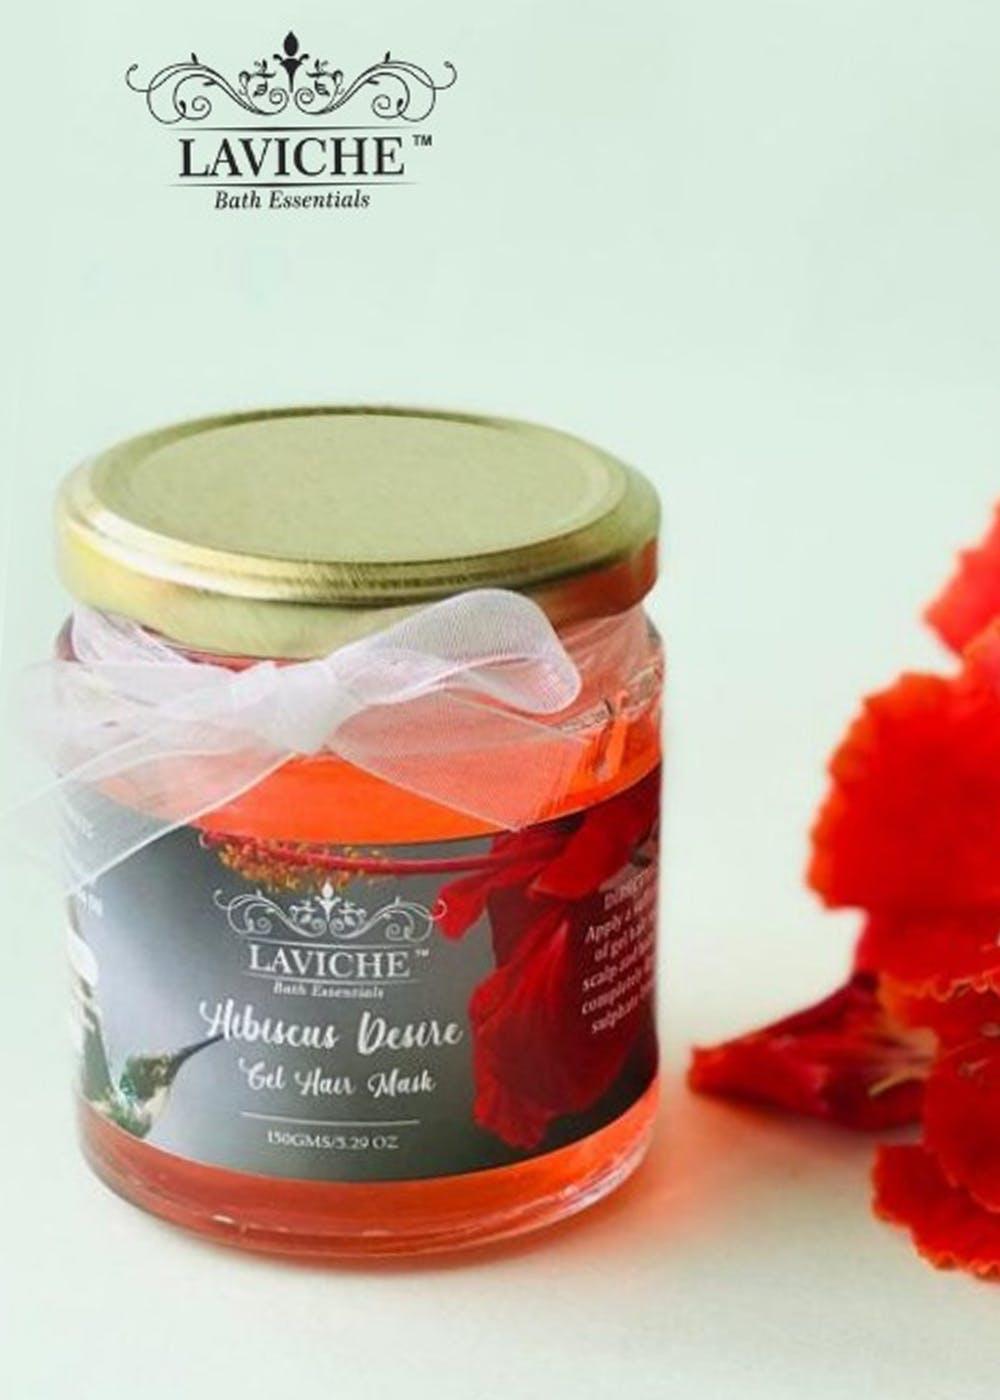 Hibiscus Desire Gel Hair Mask